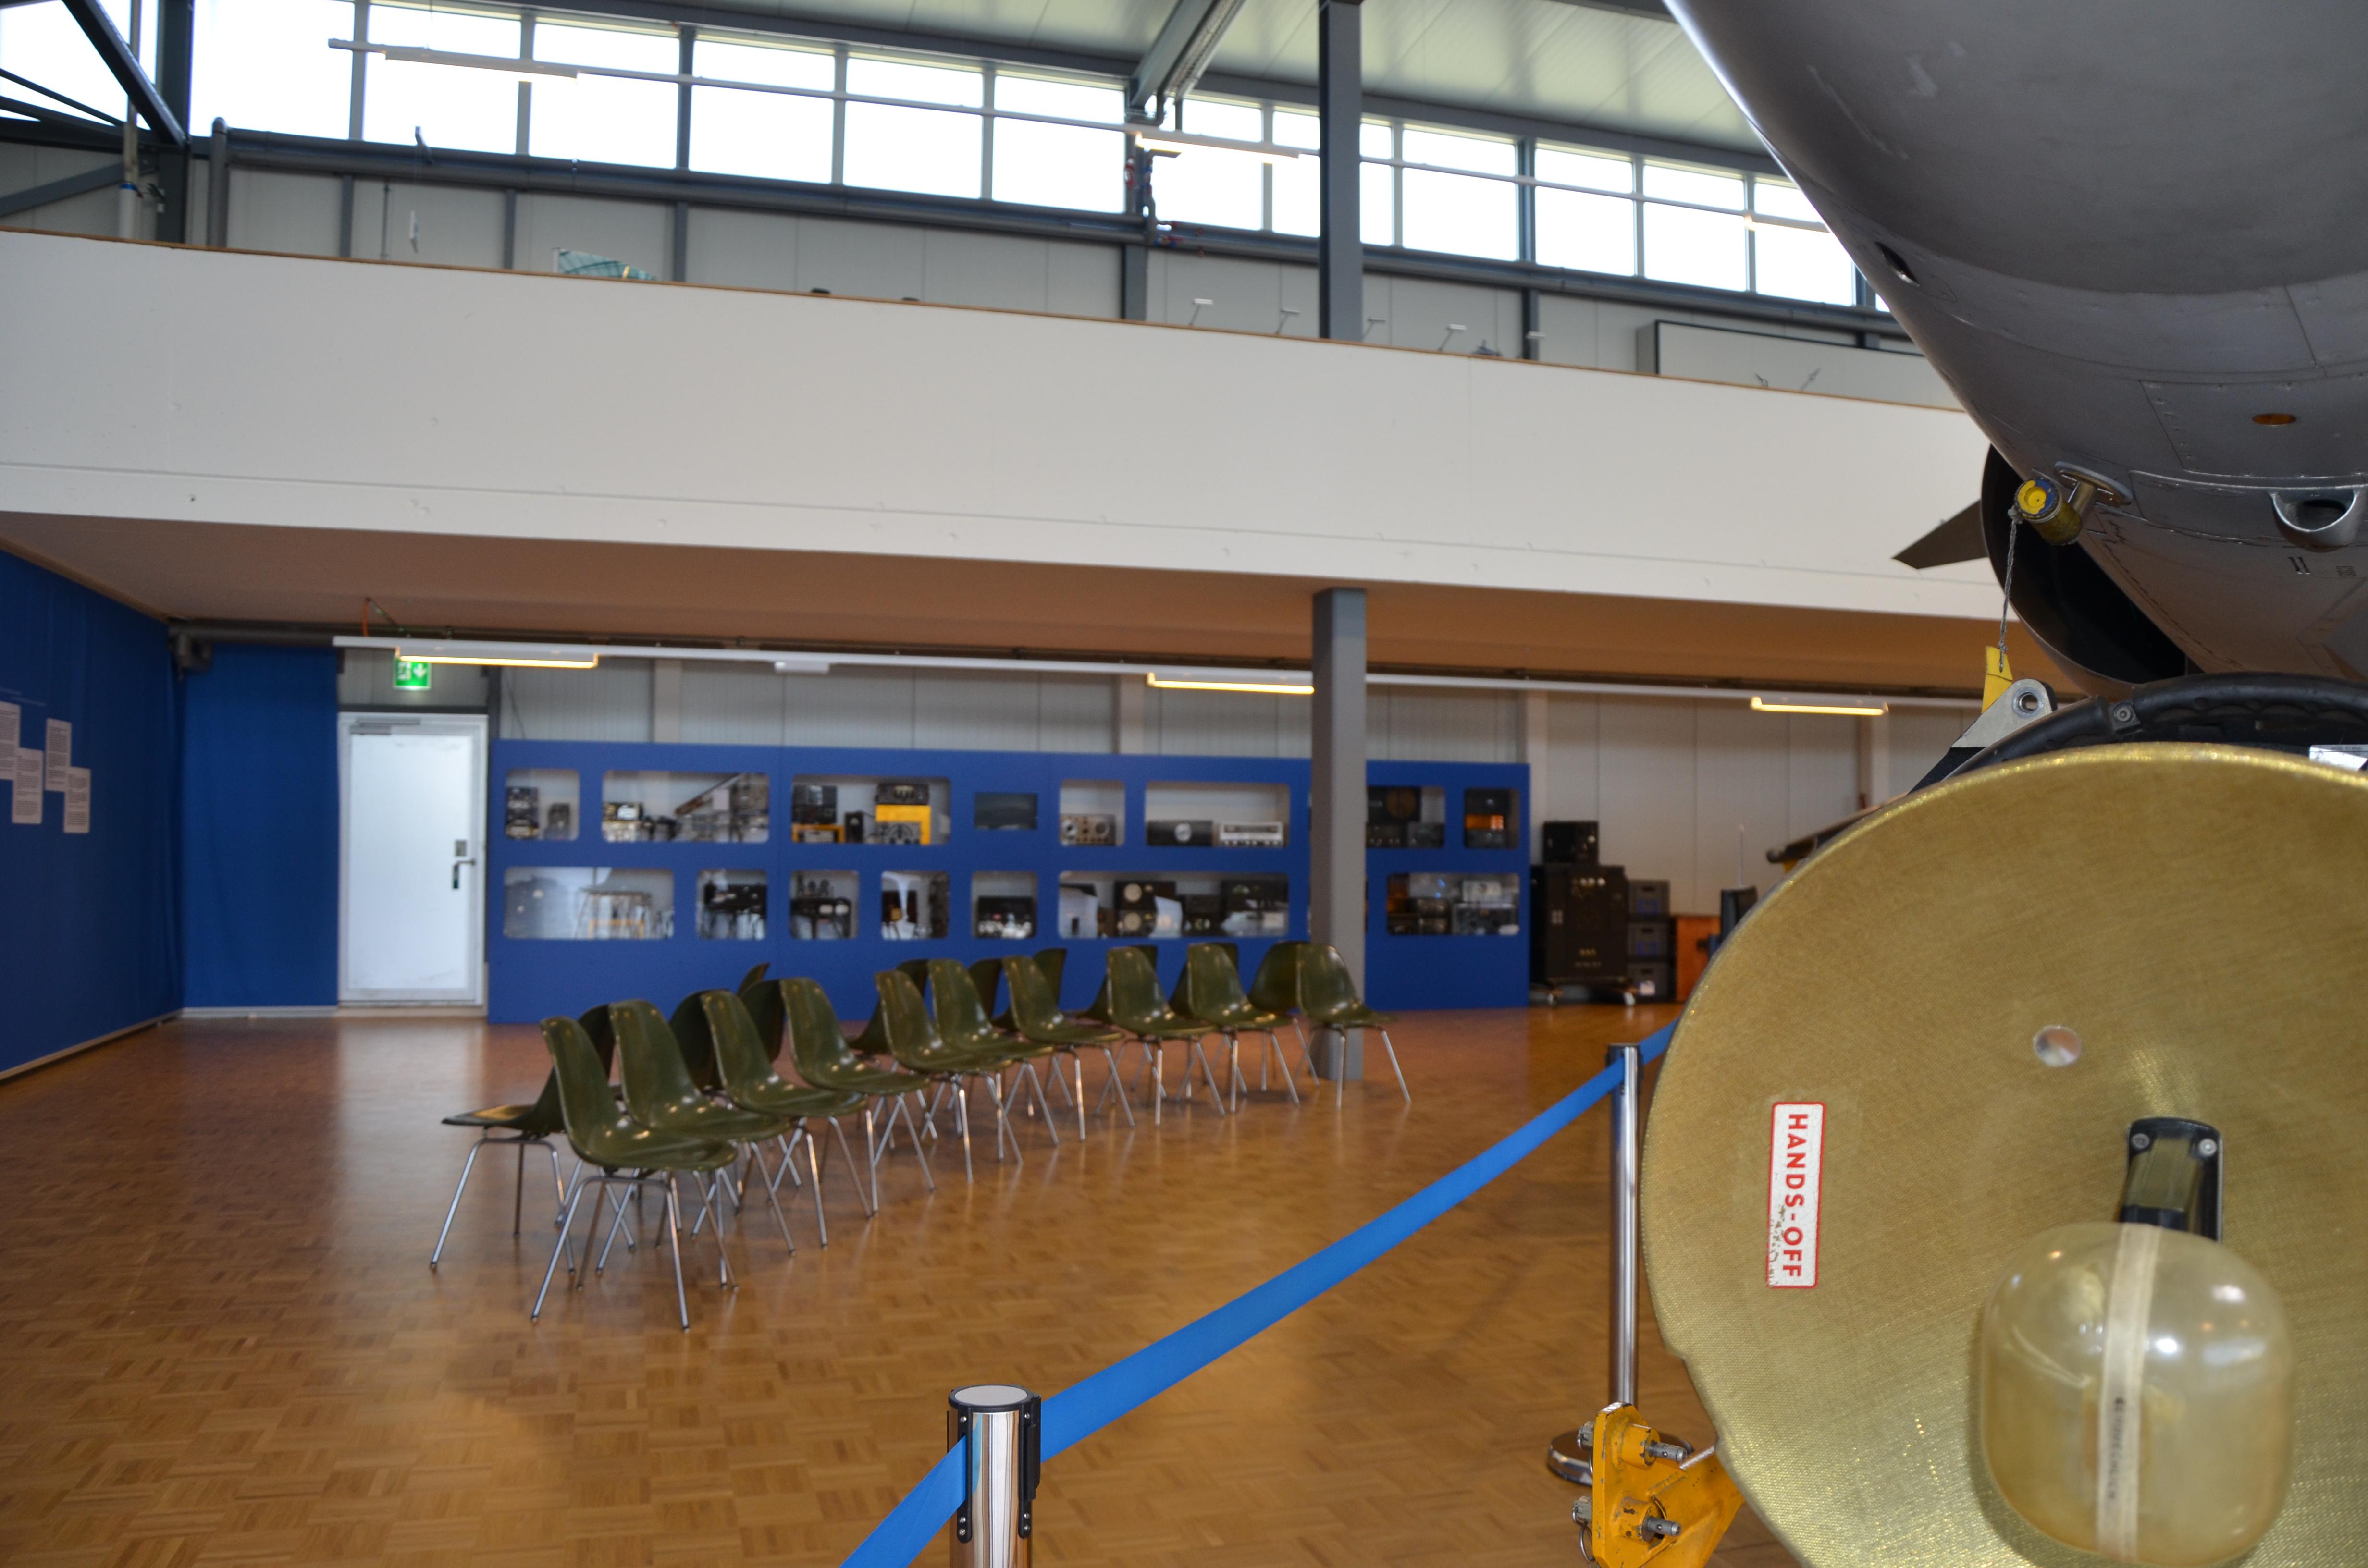 Musée_aviation_militaire_Clin_d_ailes_Payerne_005